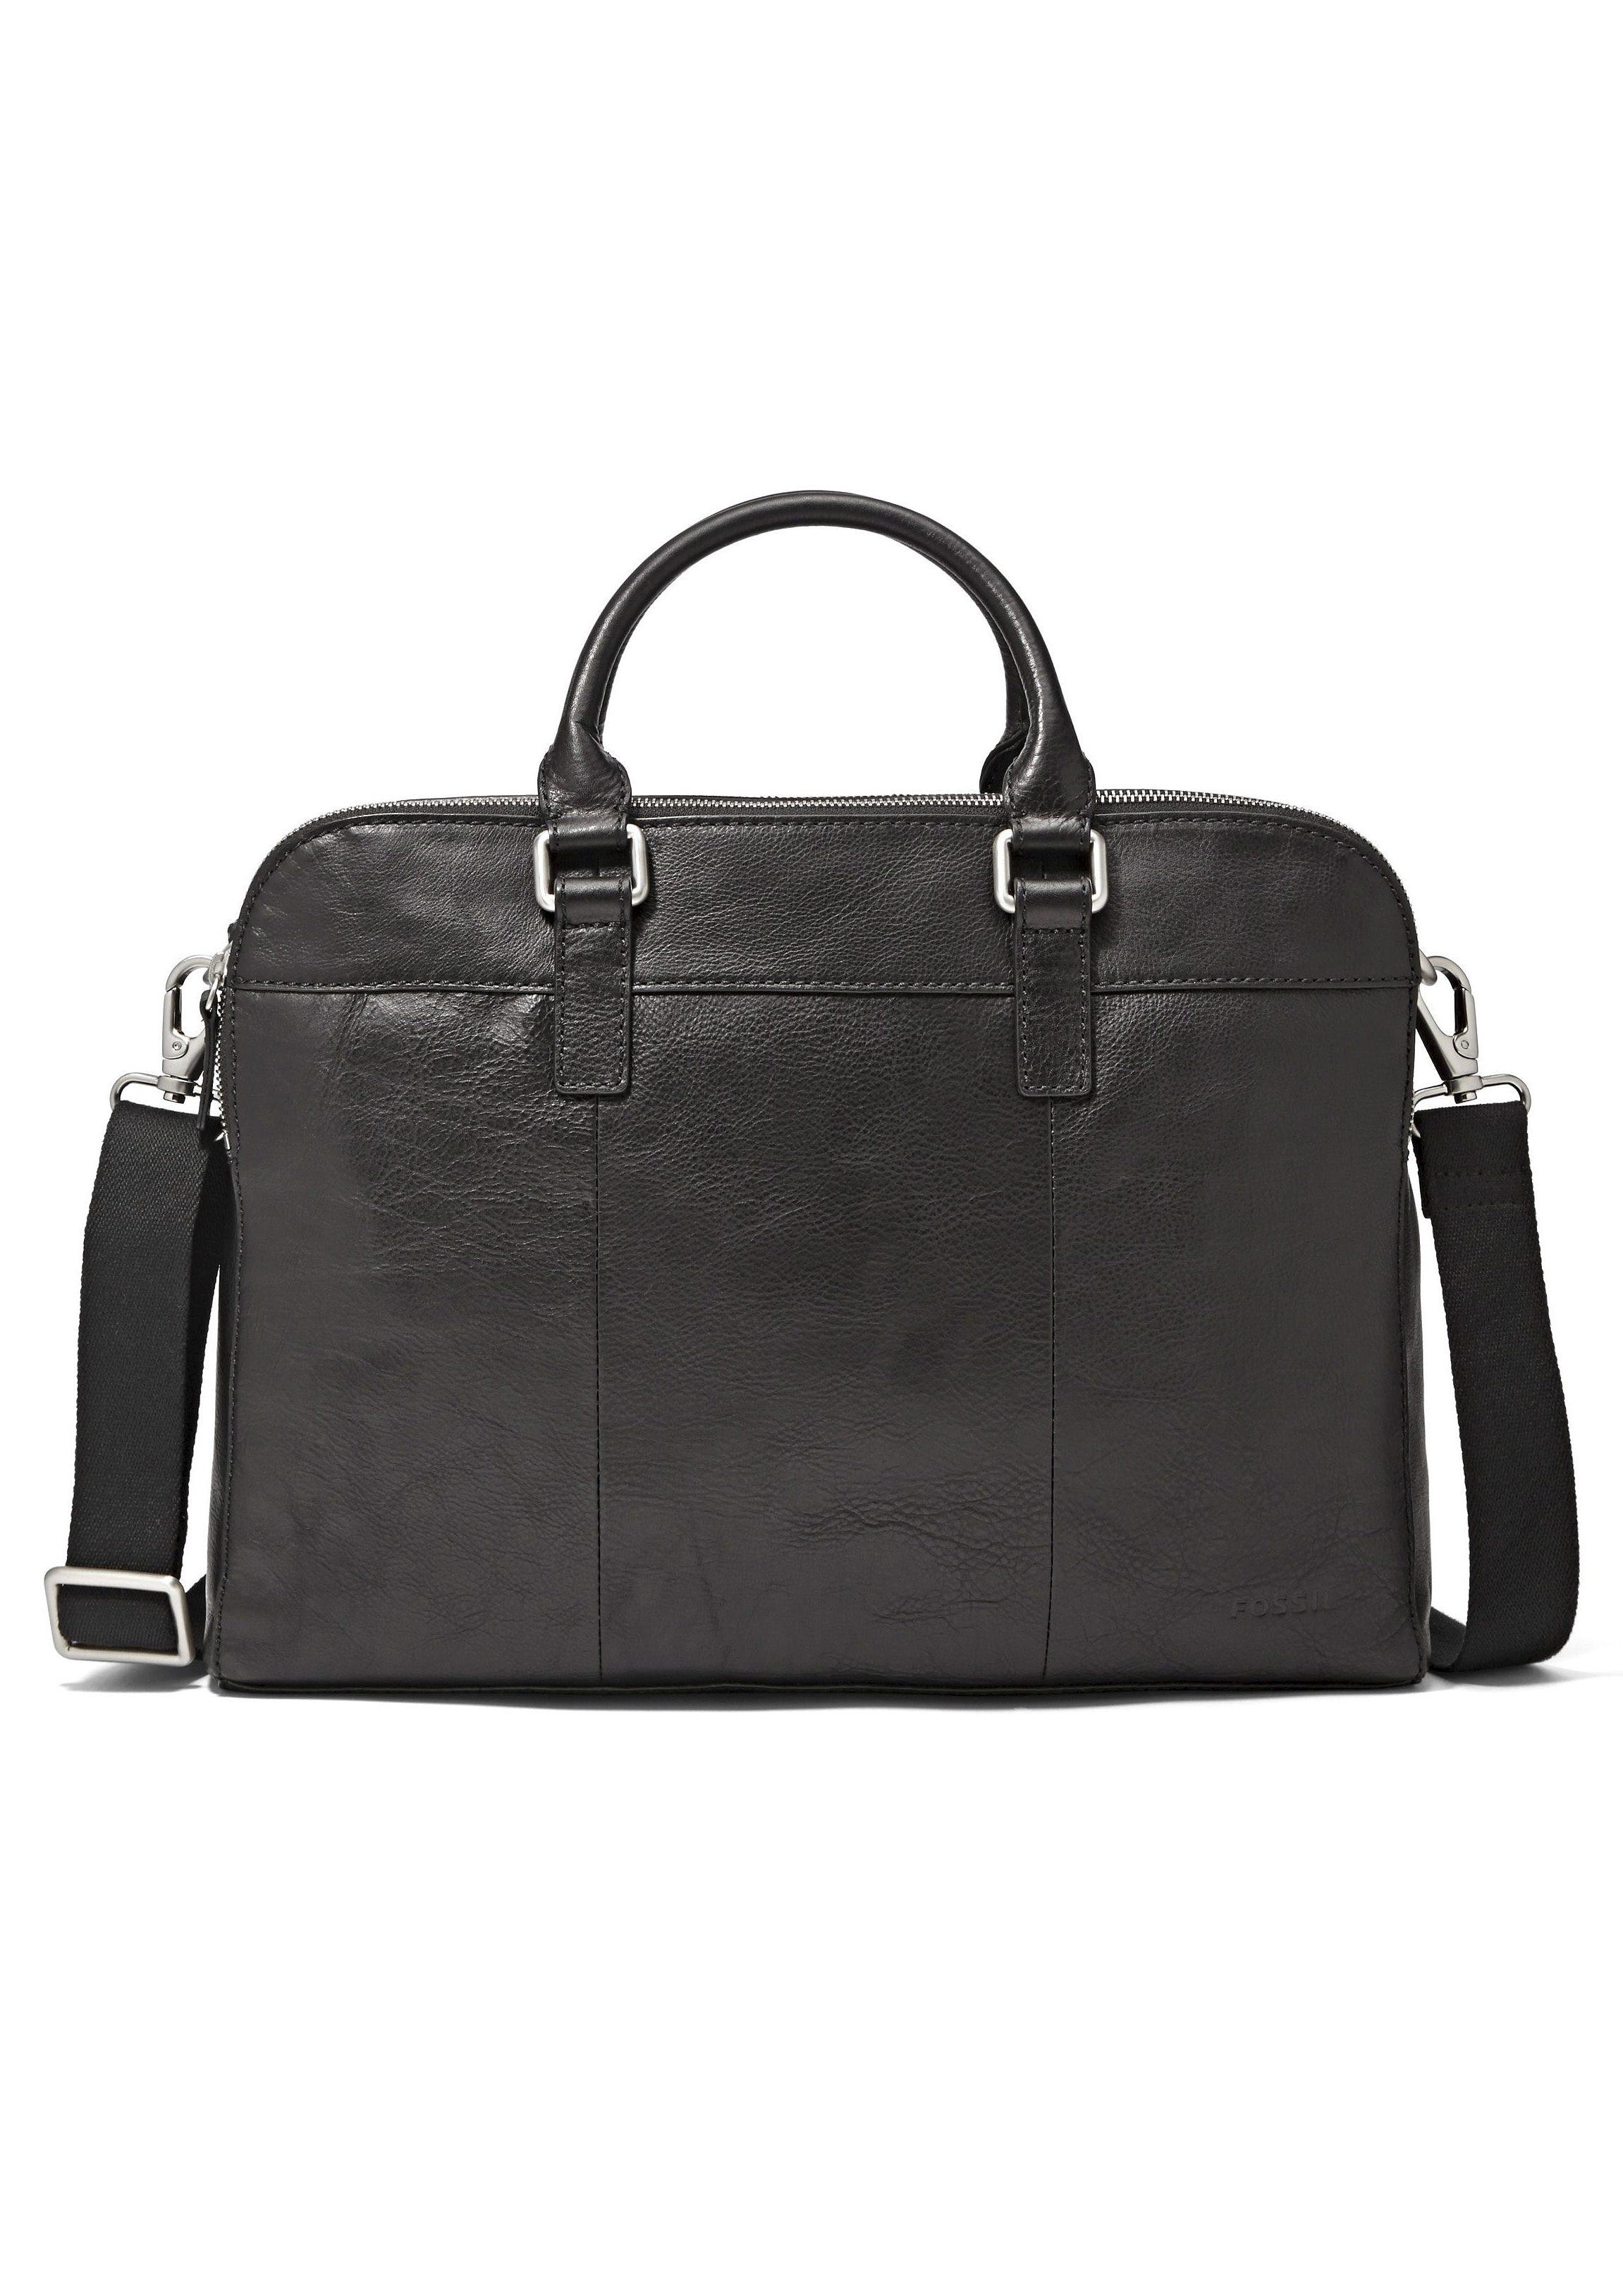 Fossil Messenger Bag »MERCER DOUBLE ZIP WORKBAG« aus Leder